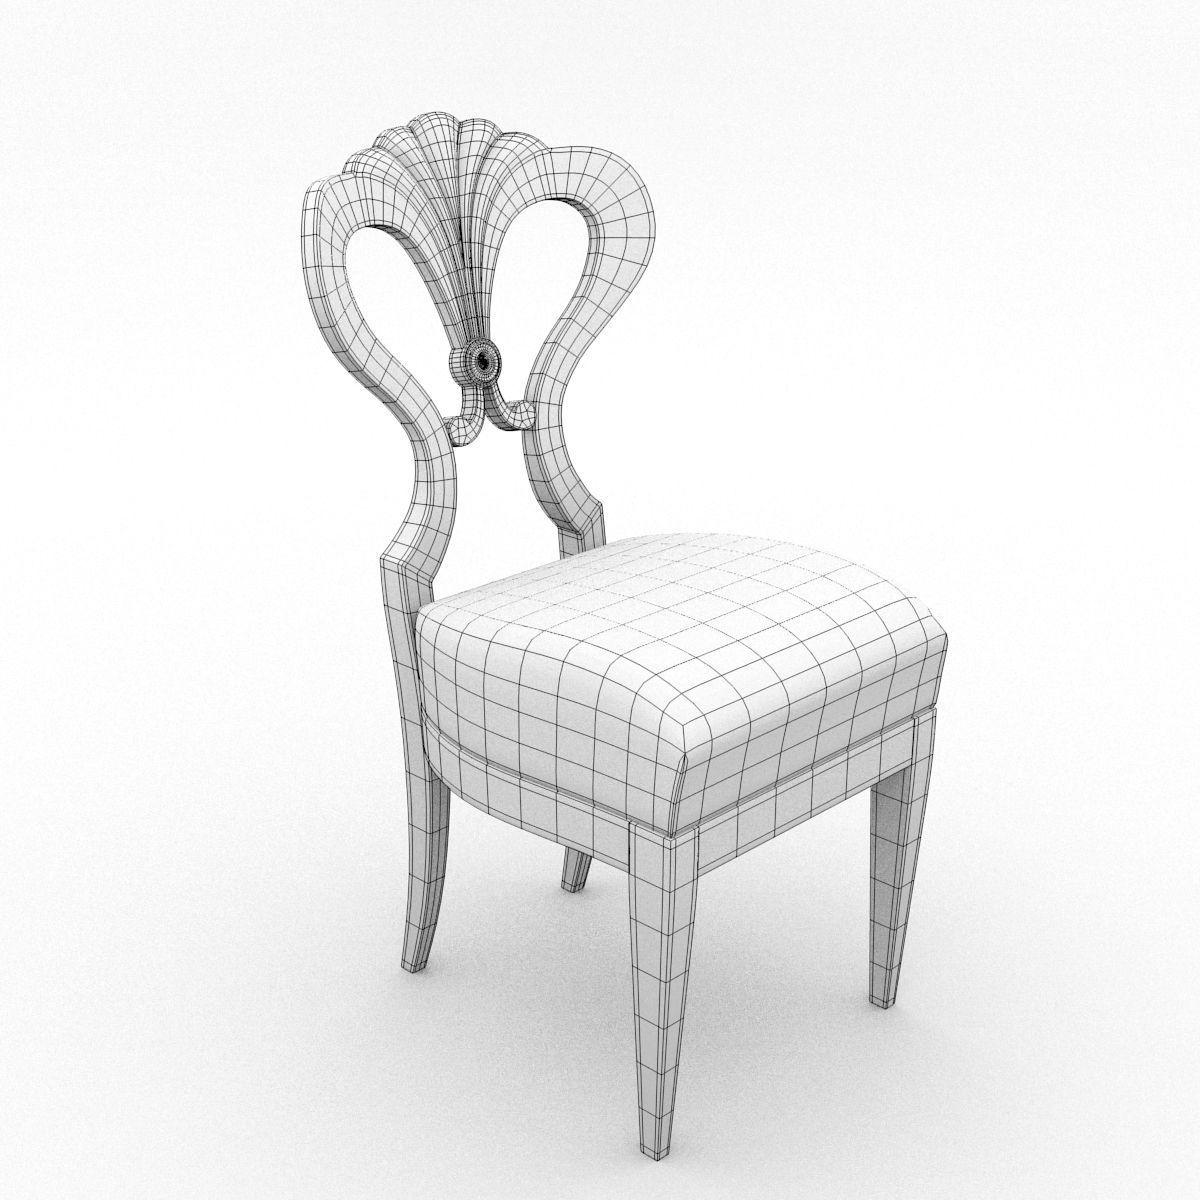 ... antique chair 3d model obj fbx blend mtl 9 ... - Antique Chair Biedermeier 3D Model CGTrader